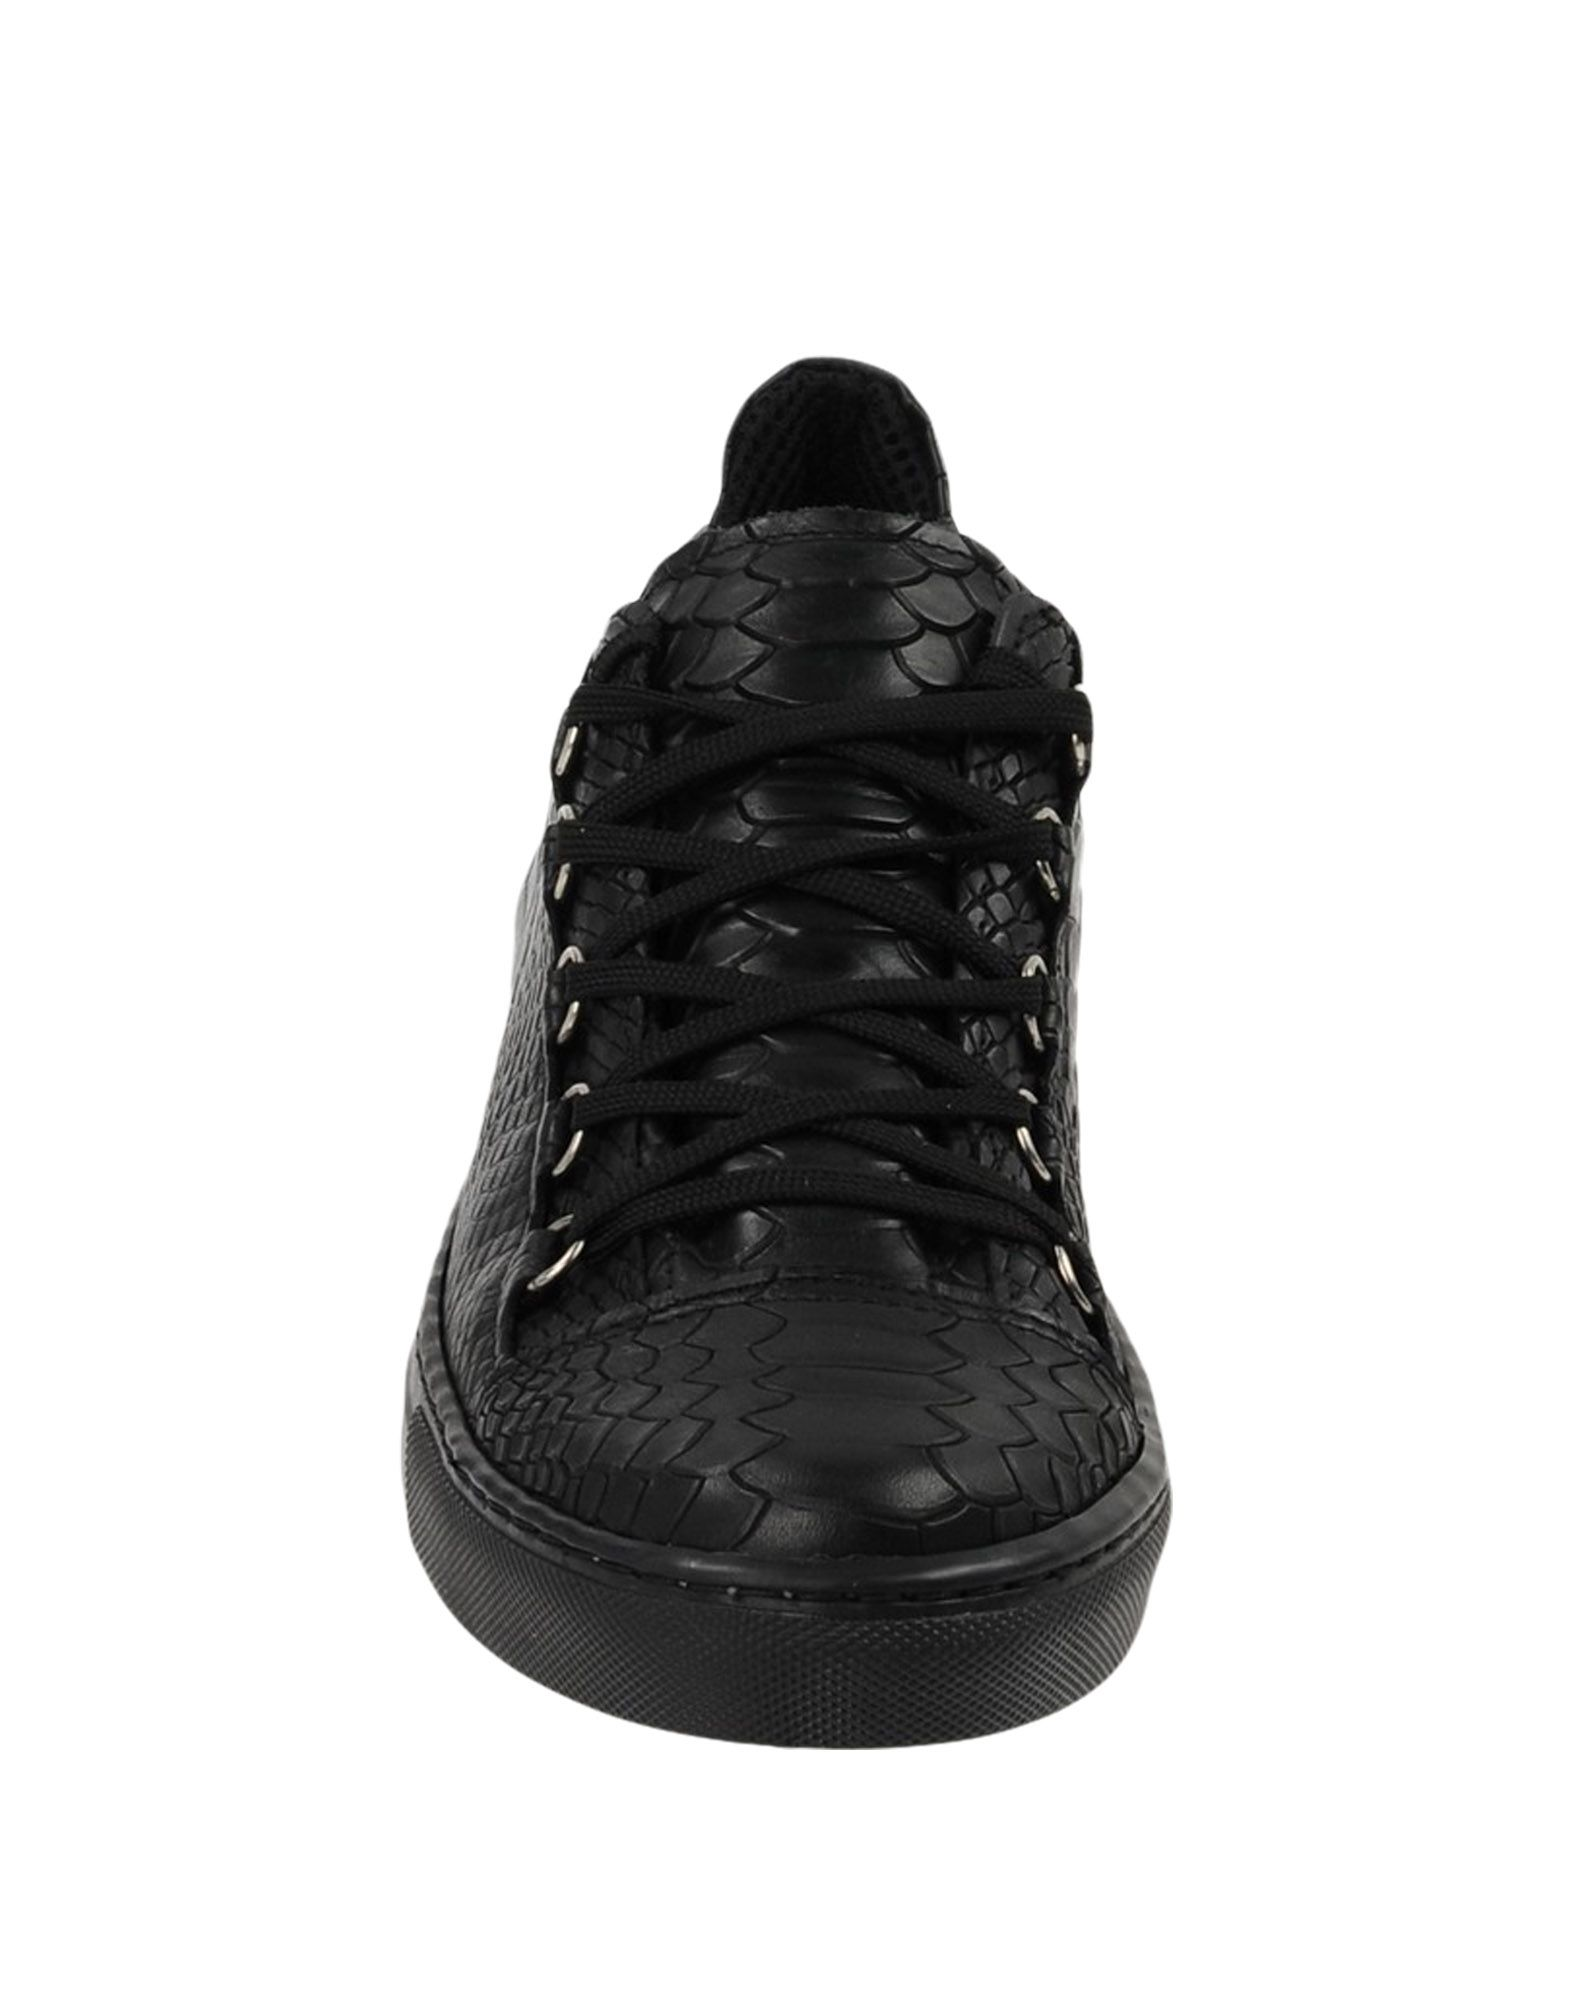 Edwa Edwa  Sneakers Herren  11439442OW Heiße Schuhe a226b3